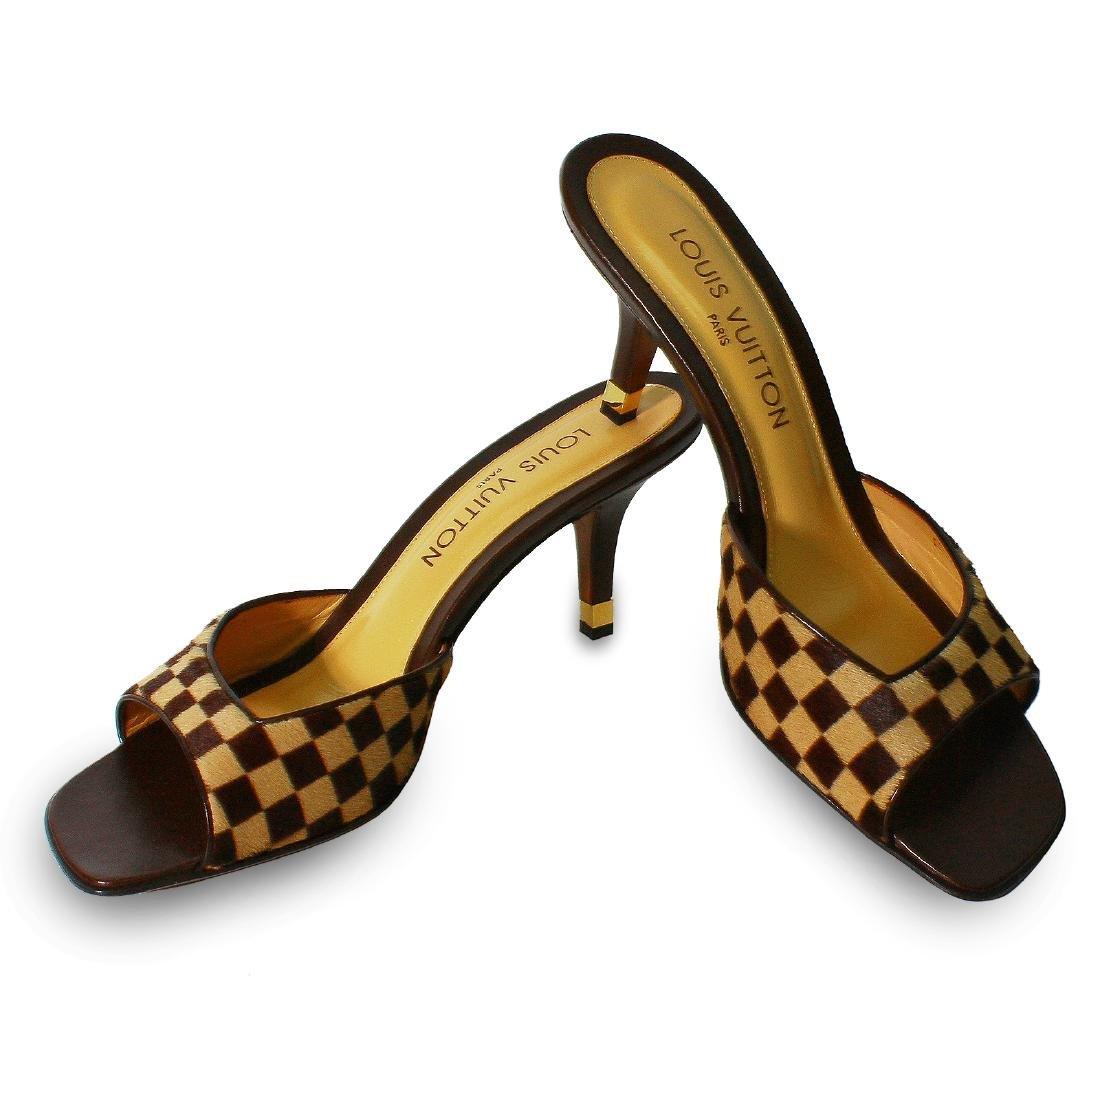 Louis Vuitton Damier Sauvage Shoes Sz 39.5